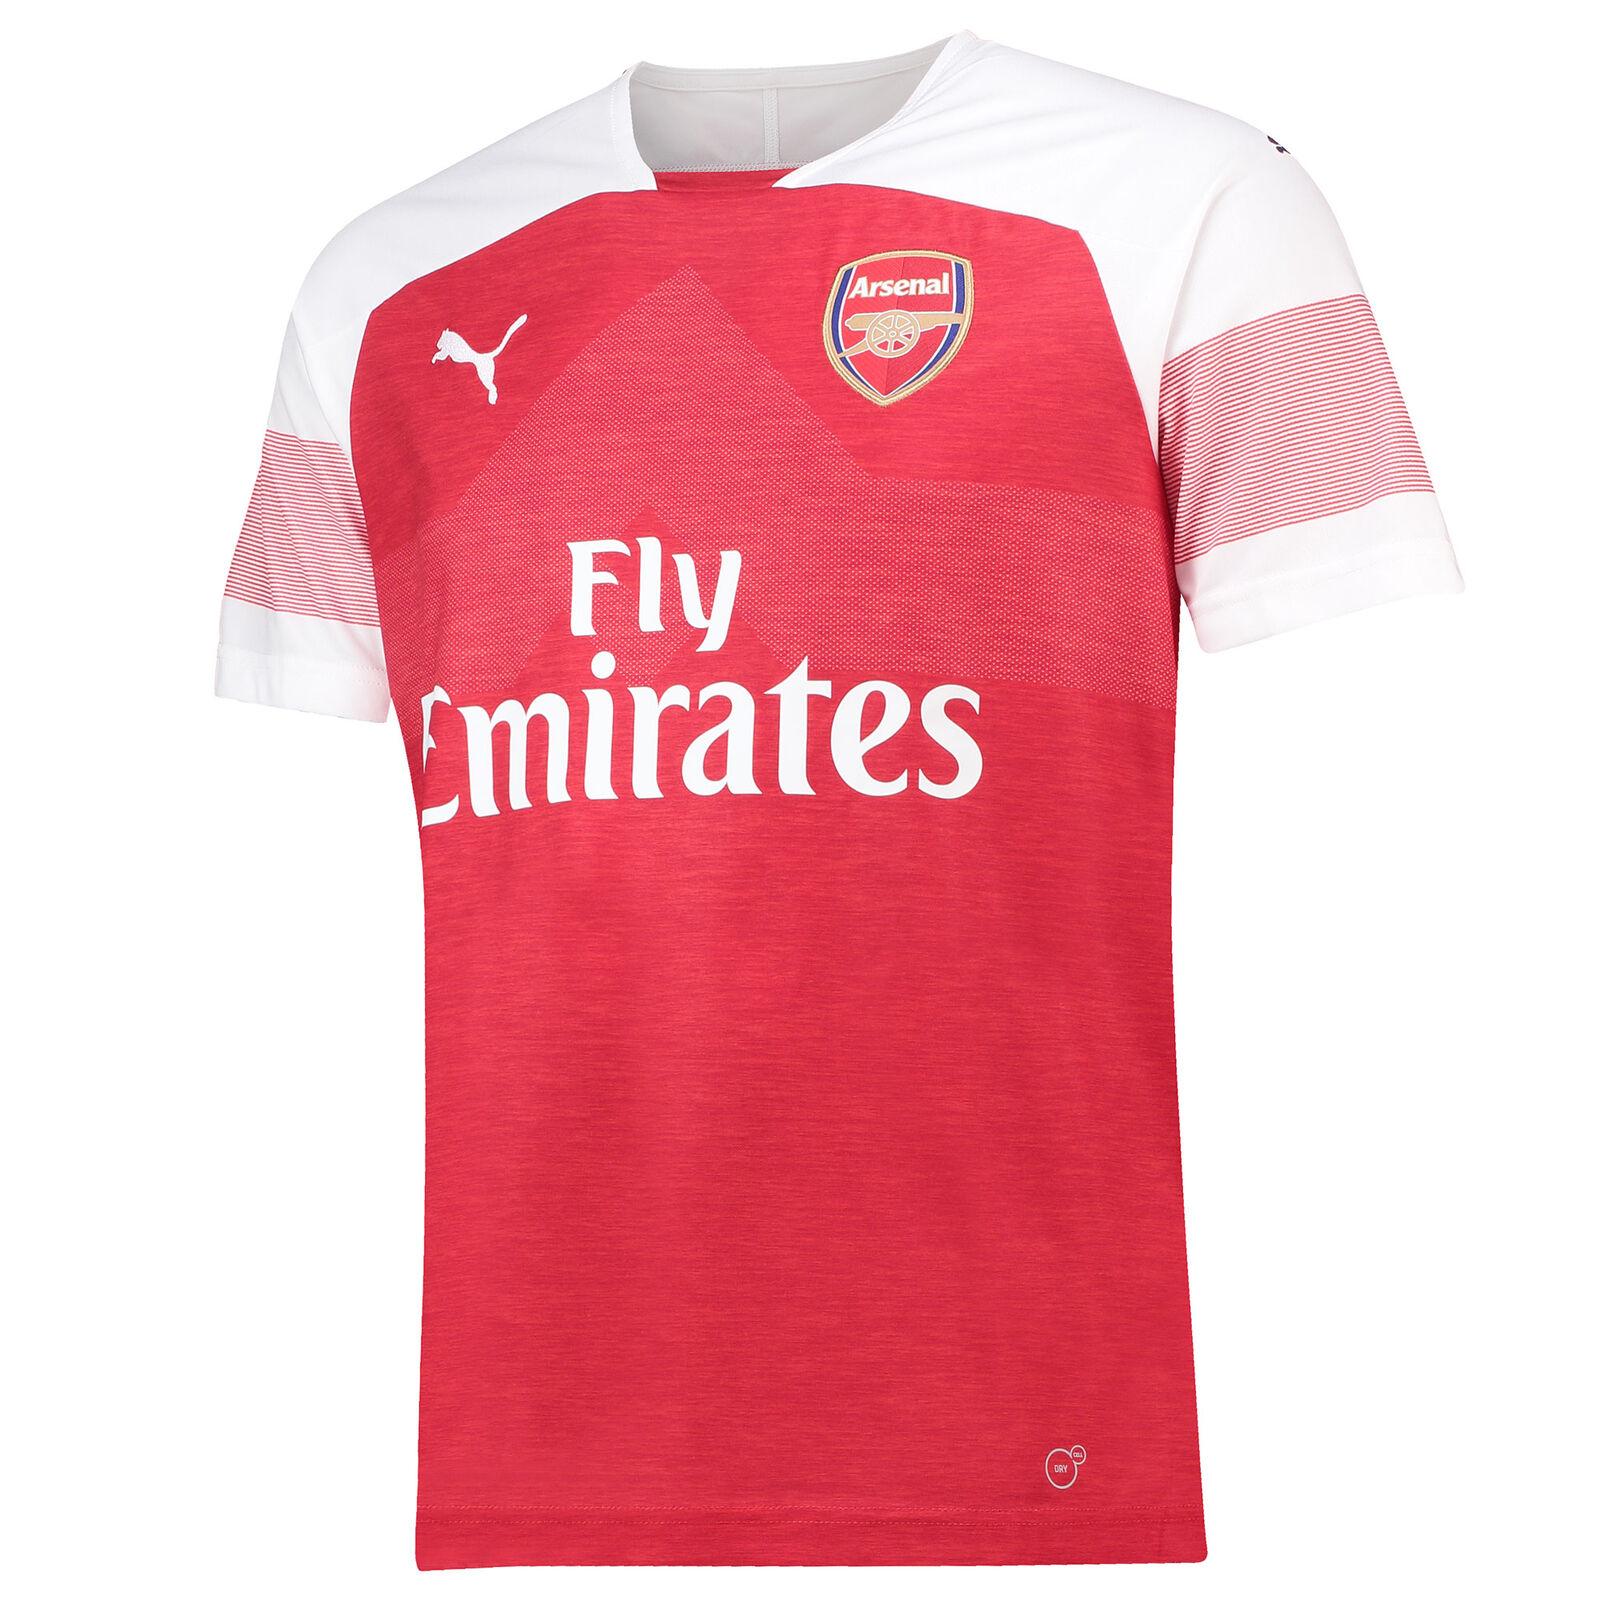 Offiziell Arsenal Heim Shirt Fußball Fußball Fußball Trikot Oberteil 18 19 Übergröße Herren PUMA e8451e